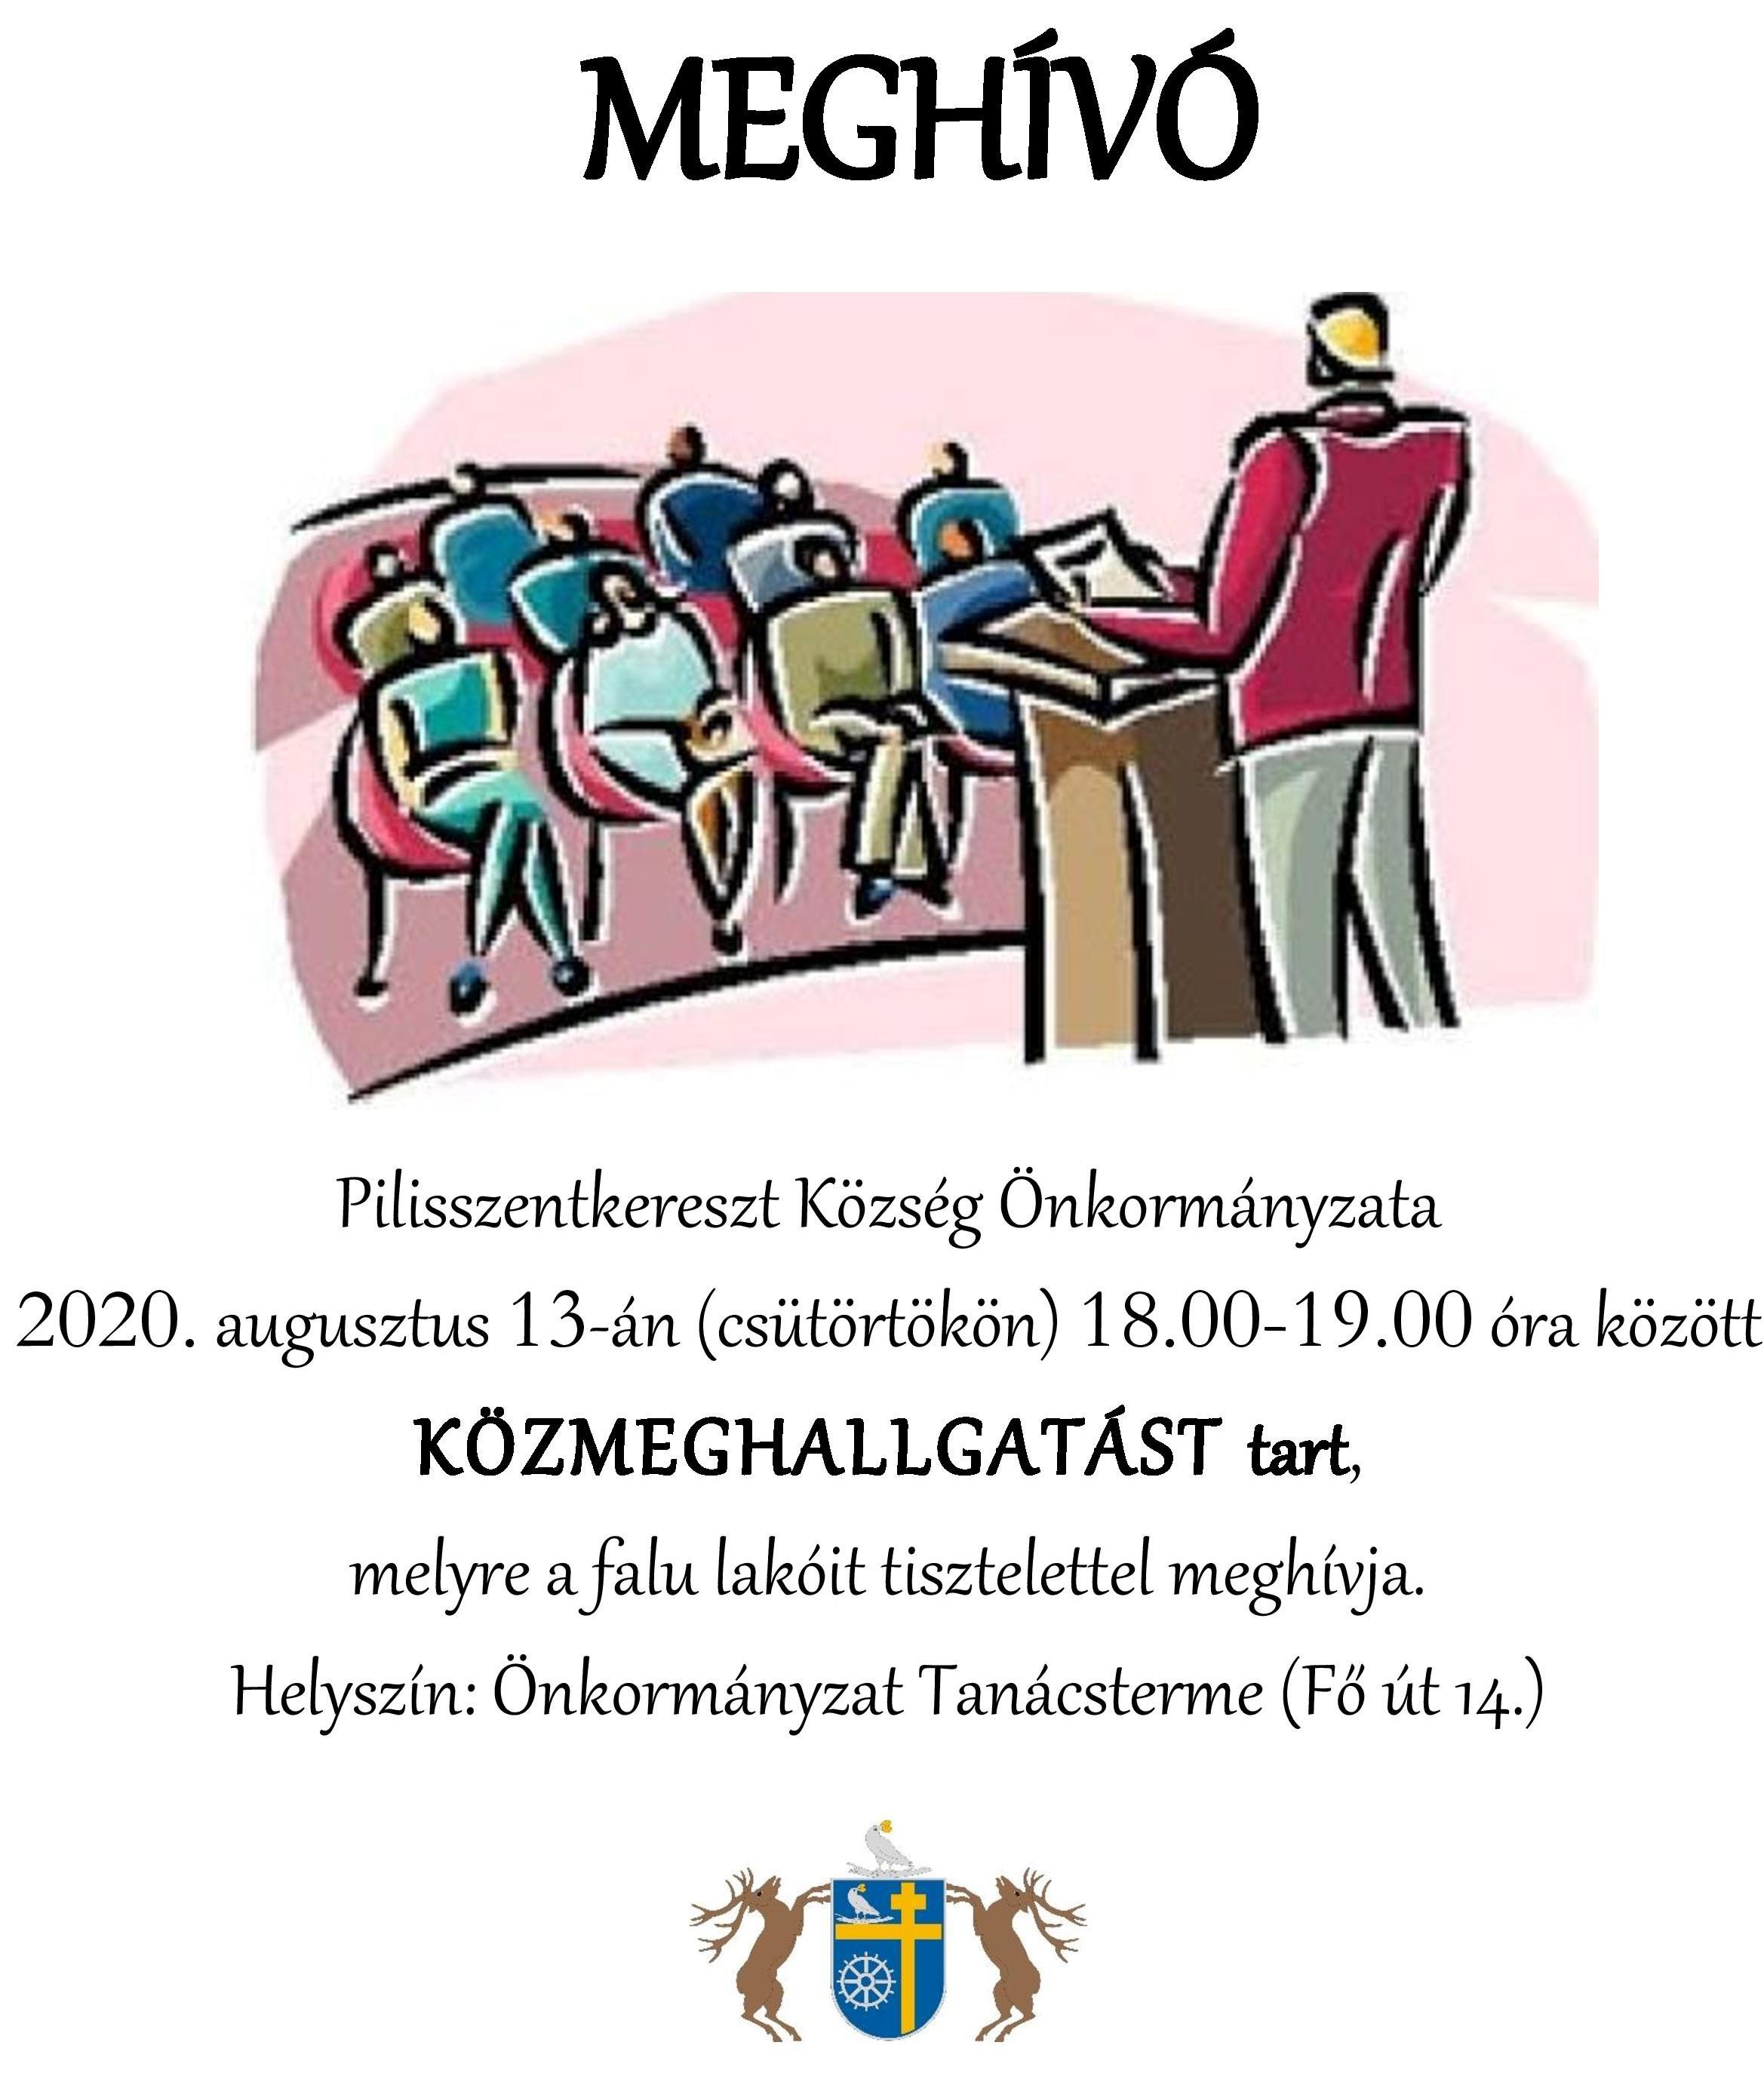 Meghívó közmeghallgatásra 2020.08.13.